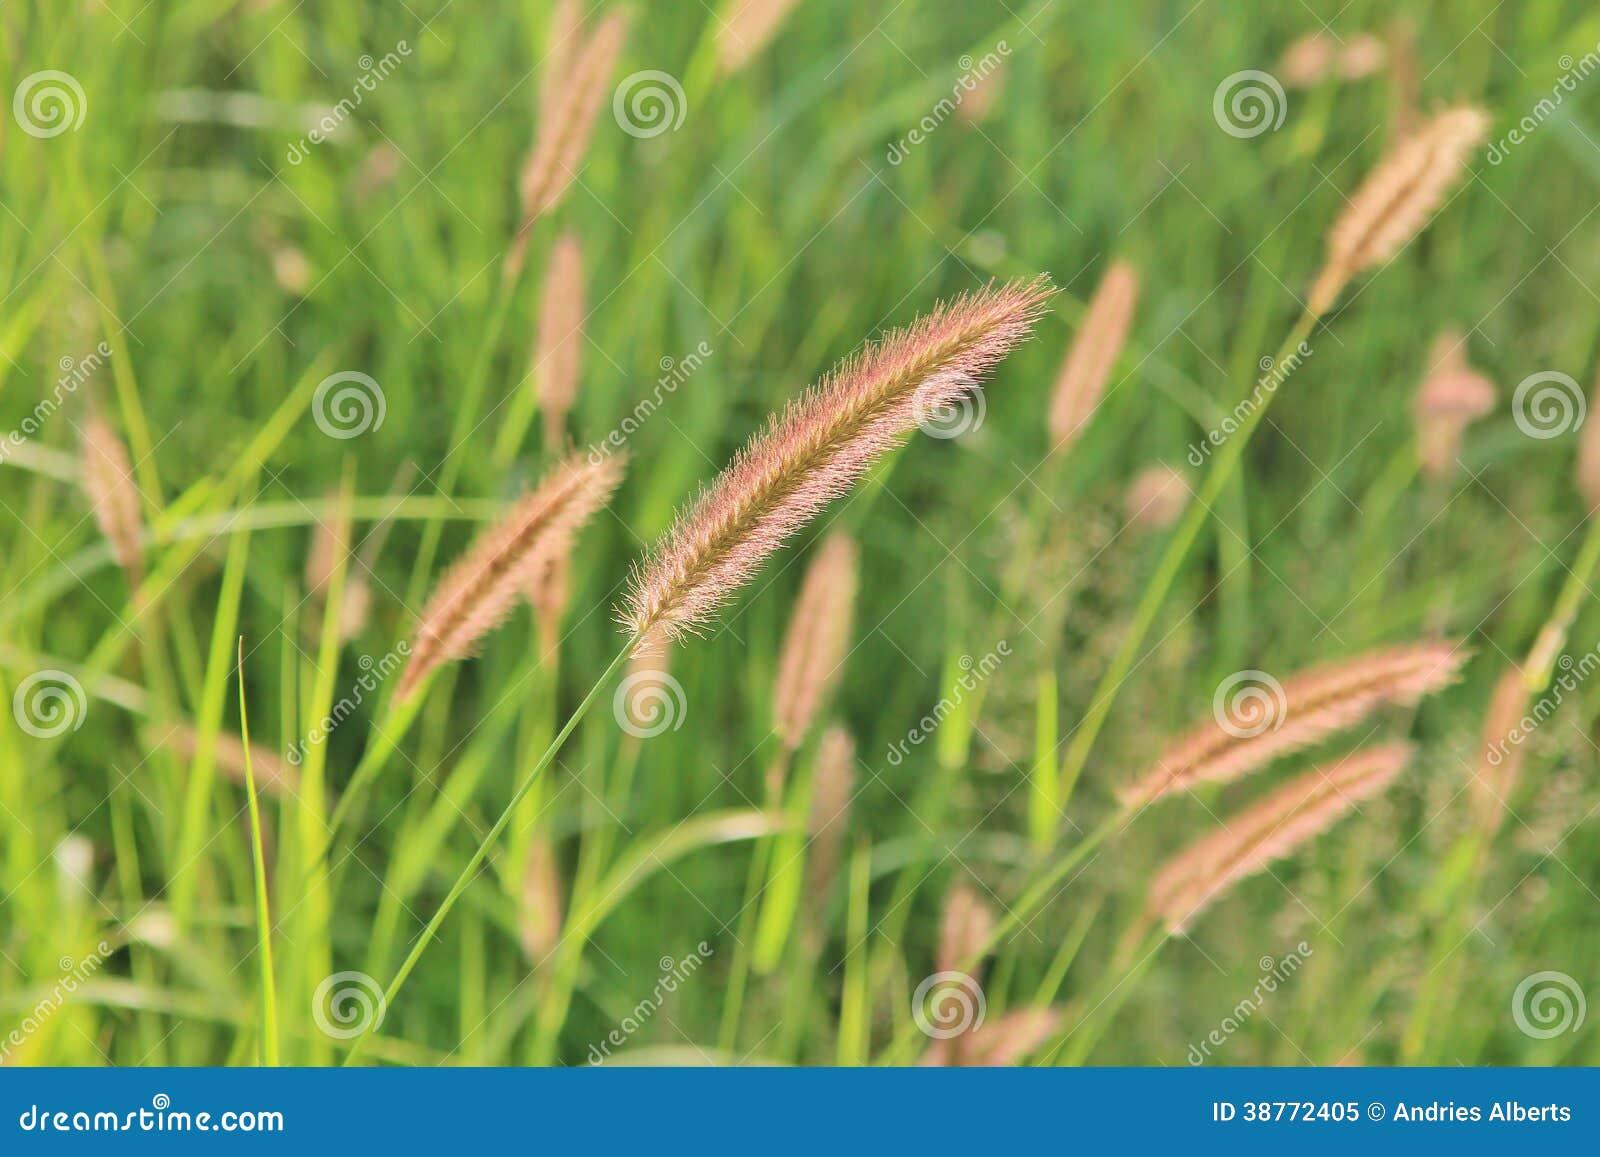 rote cat tail grass detail natur farbhintergrund und. Black Bedroom Furniture Sets. Home Design Ideas